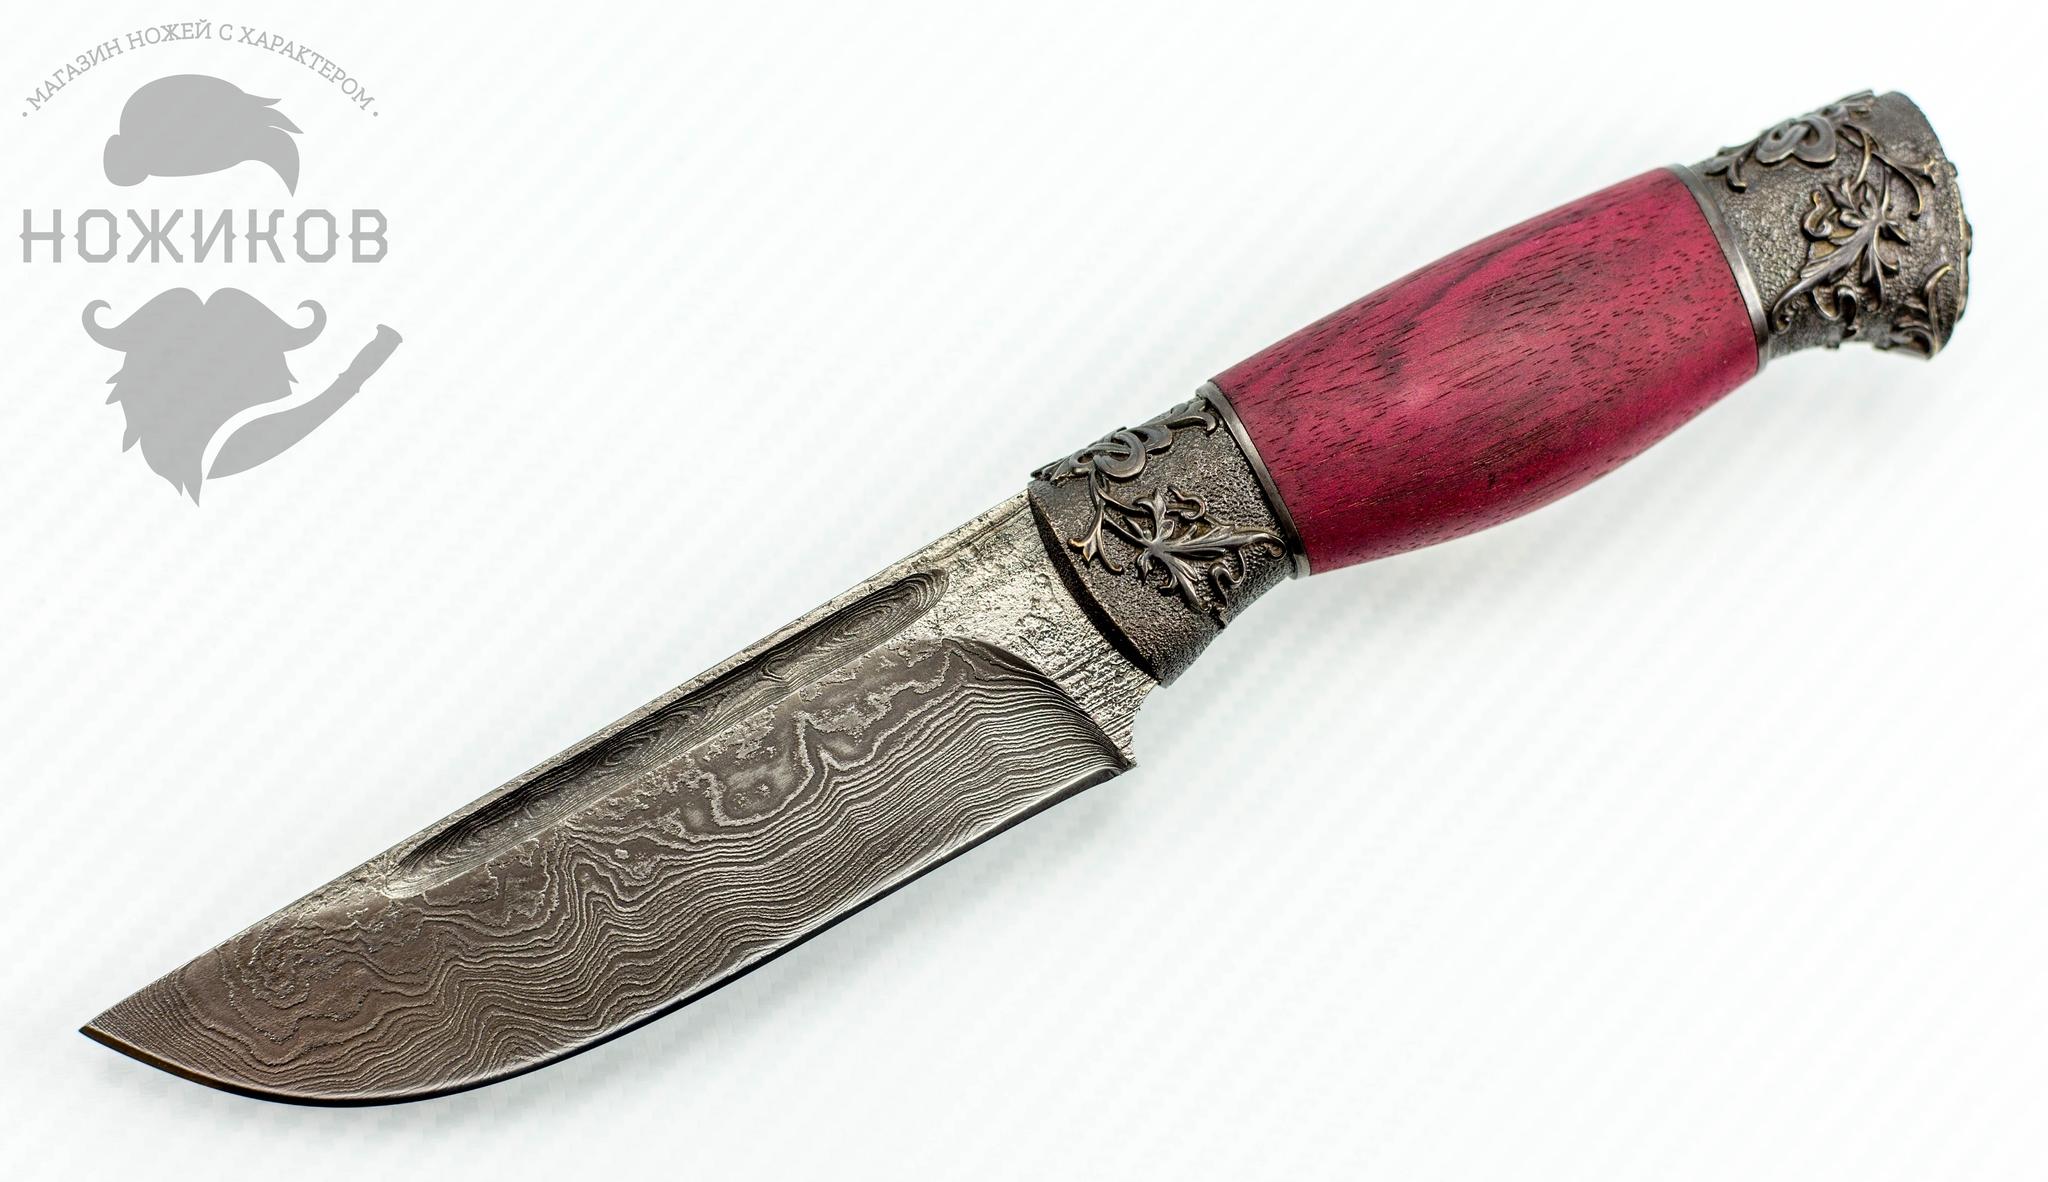 Авторский Нож из Дамаска №71, КизлярНожи Кизляр<br><br>